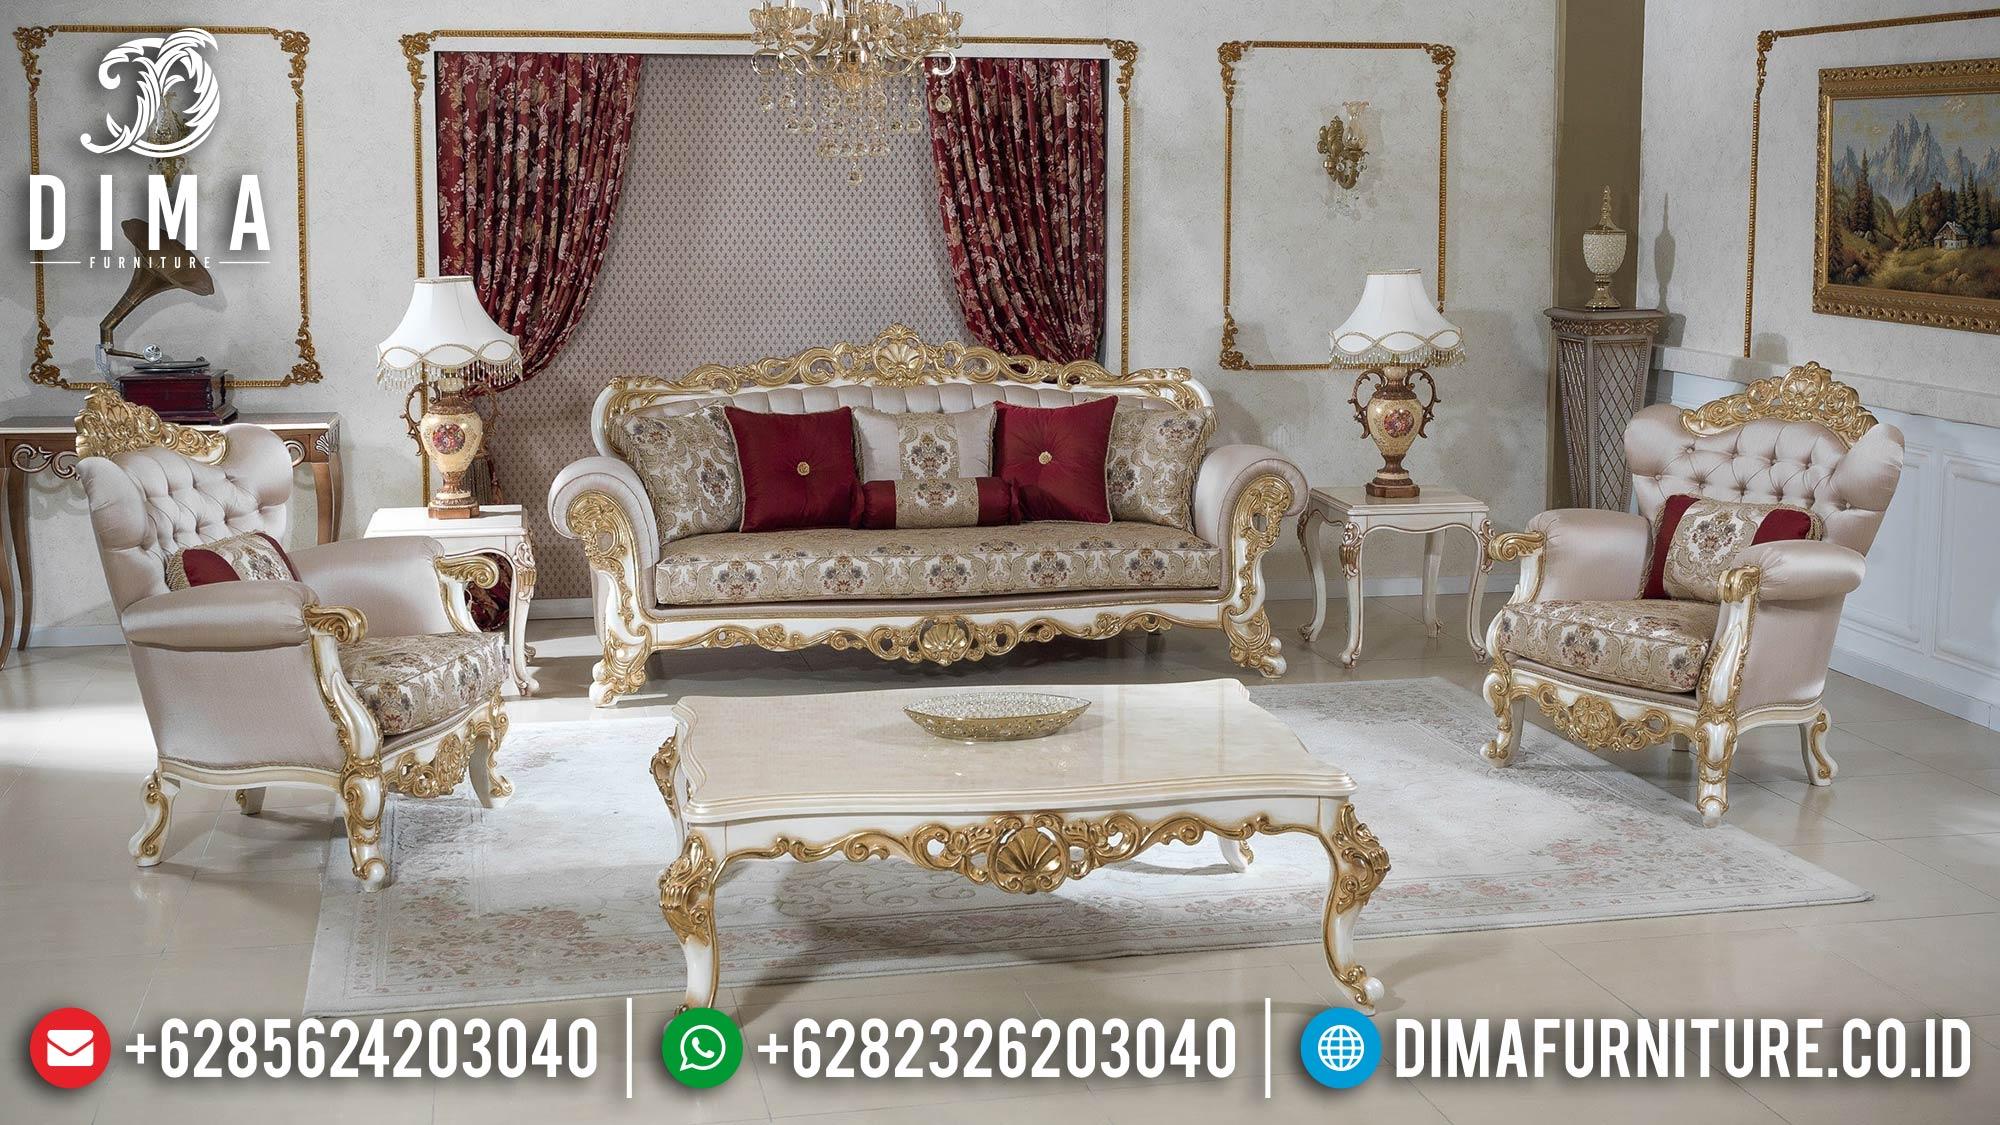 Jual Sofa Tamu Mewah Ukiran Jepara Luxury Elegant Design Jepara ST-1316